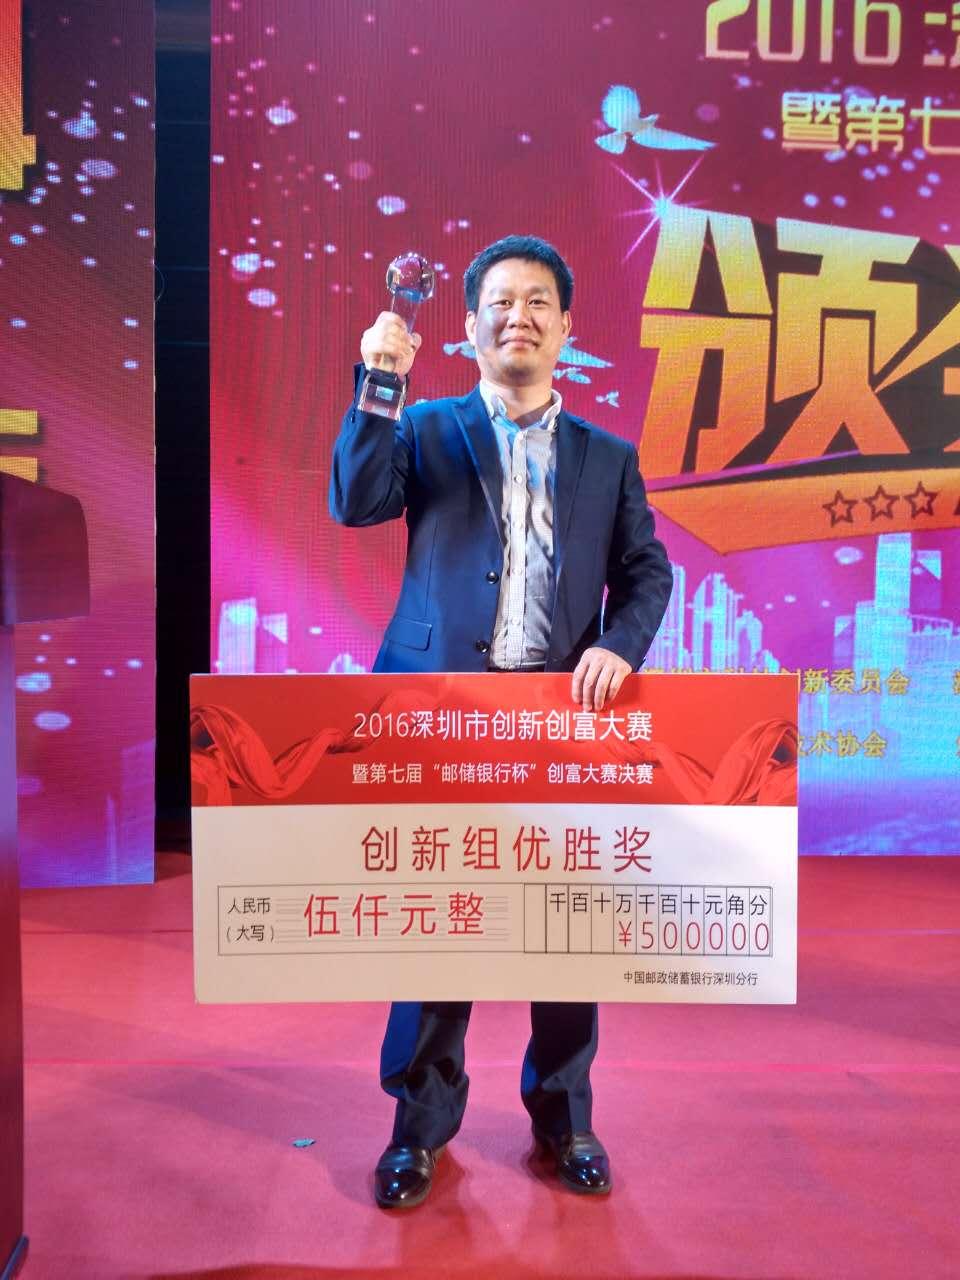 2016深圳创新创富大赛